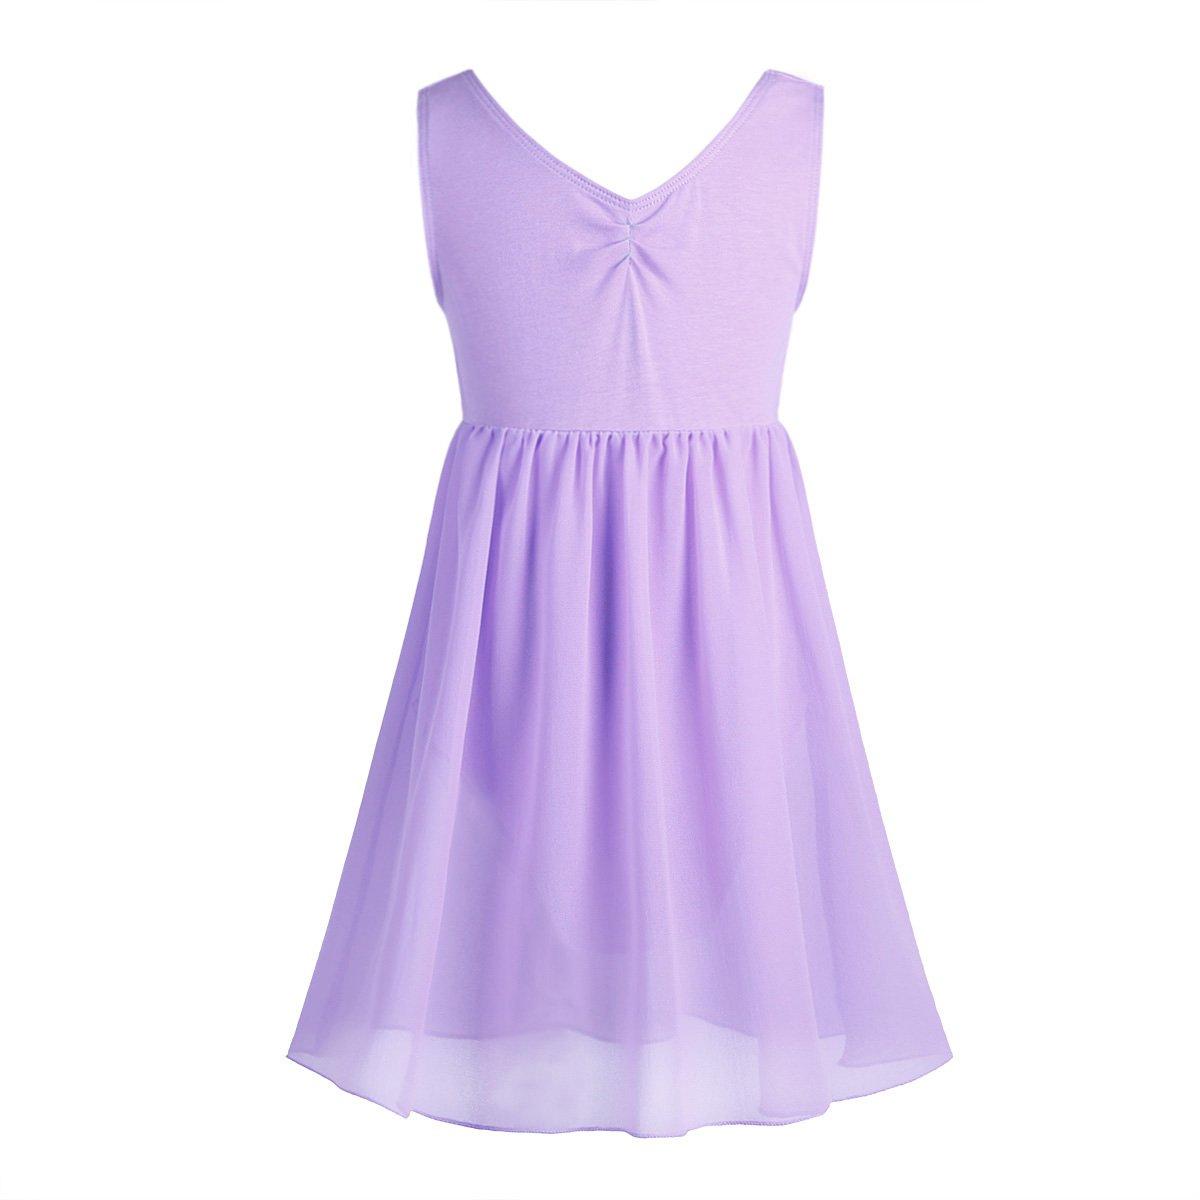 TiaoBug/ Girlsシフォンキャミソールバレエダンスドレス体操レオタードバレリーナコスチューム B0798NXDZG 5/ 6|Lavender Ballet Ballet 5 Lavender Ballet 43591, Cielo Blu ONLINE STORE:e02b5504 --- ijpba.info